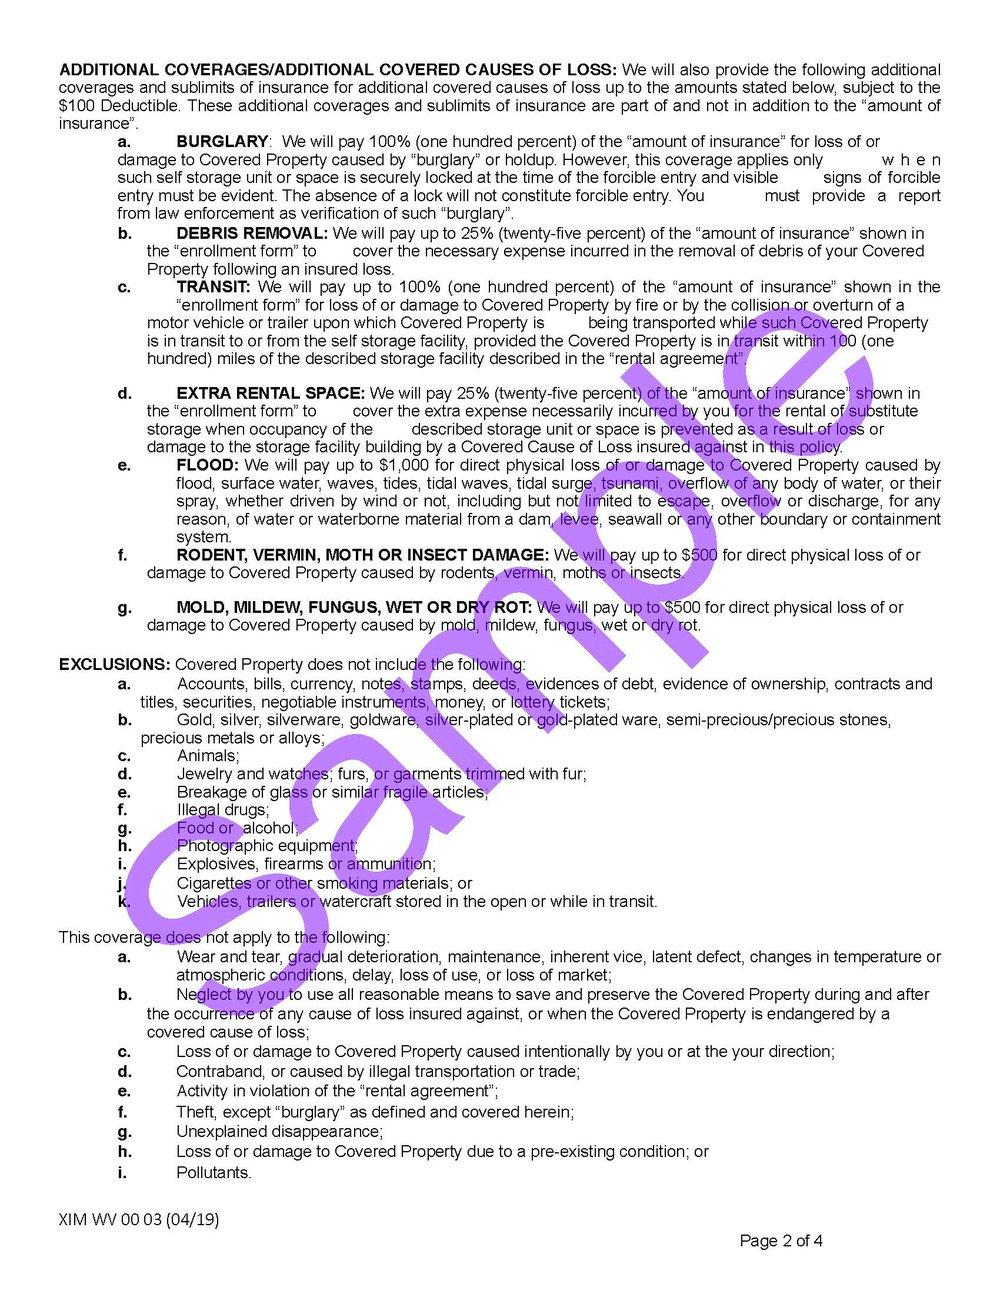 XIM WV 00 03 04 19 West Virginia Certificate of InsuranceSample_Page_2.jpg